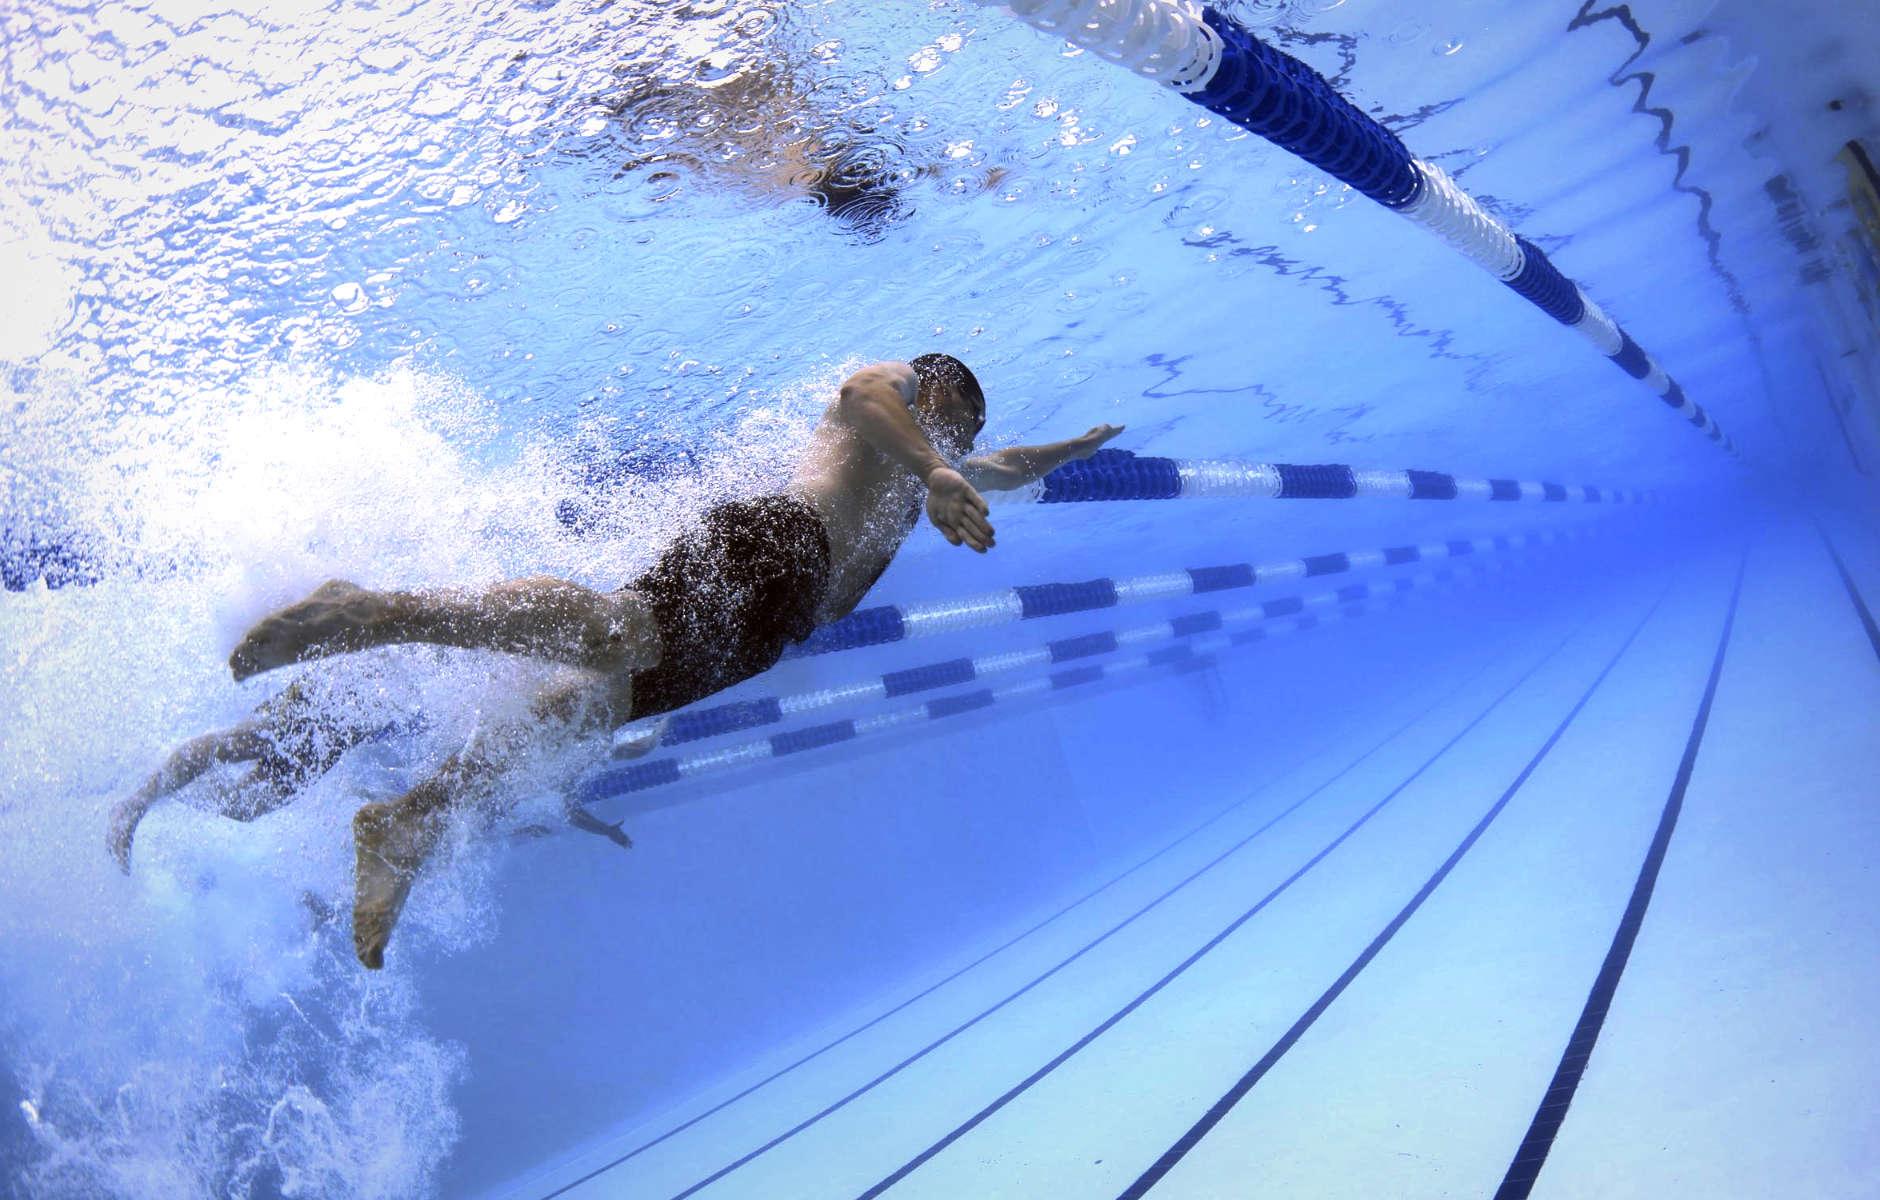 index_australia_swimming_11@2x